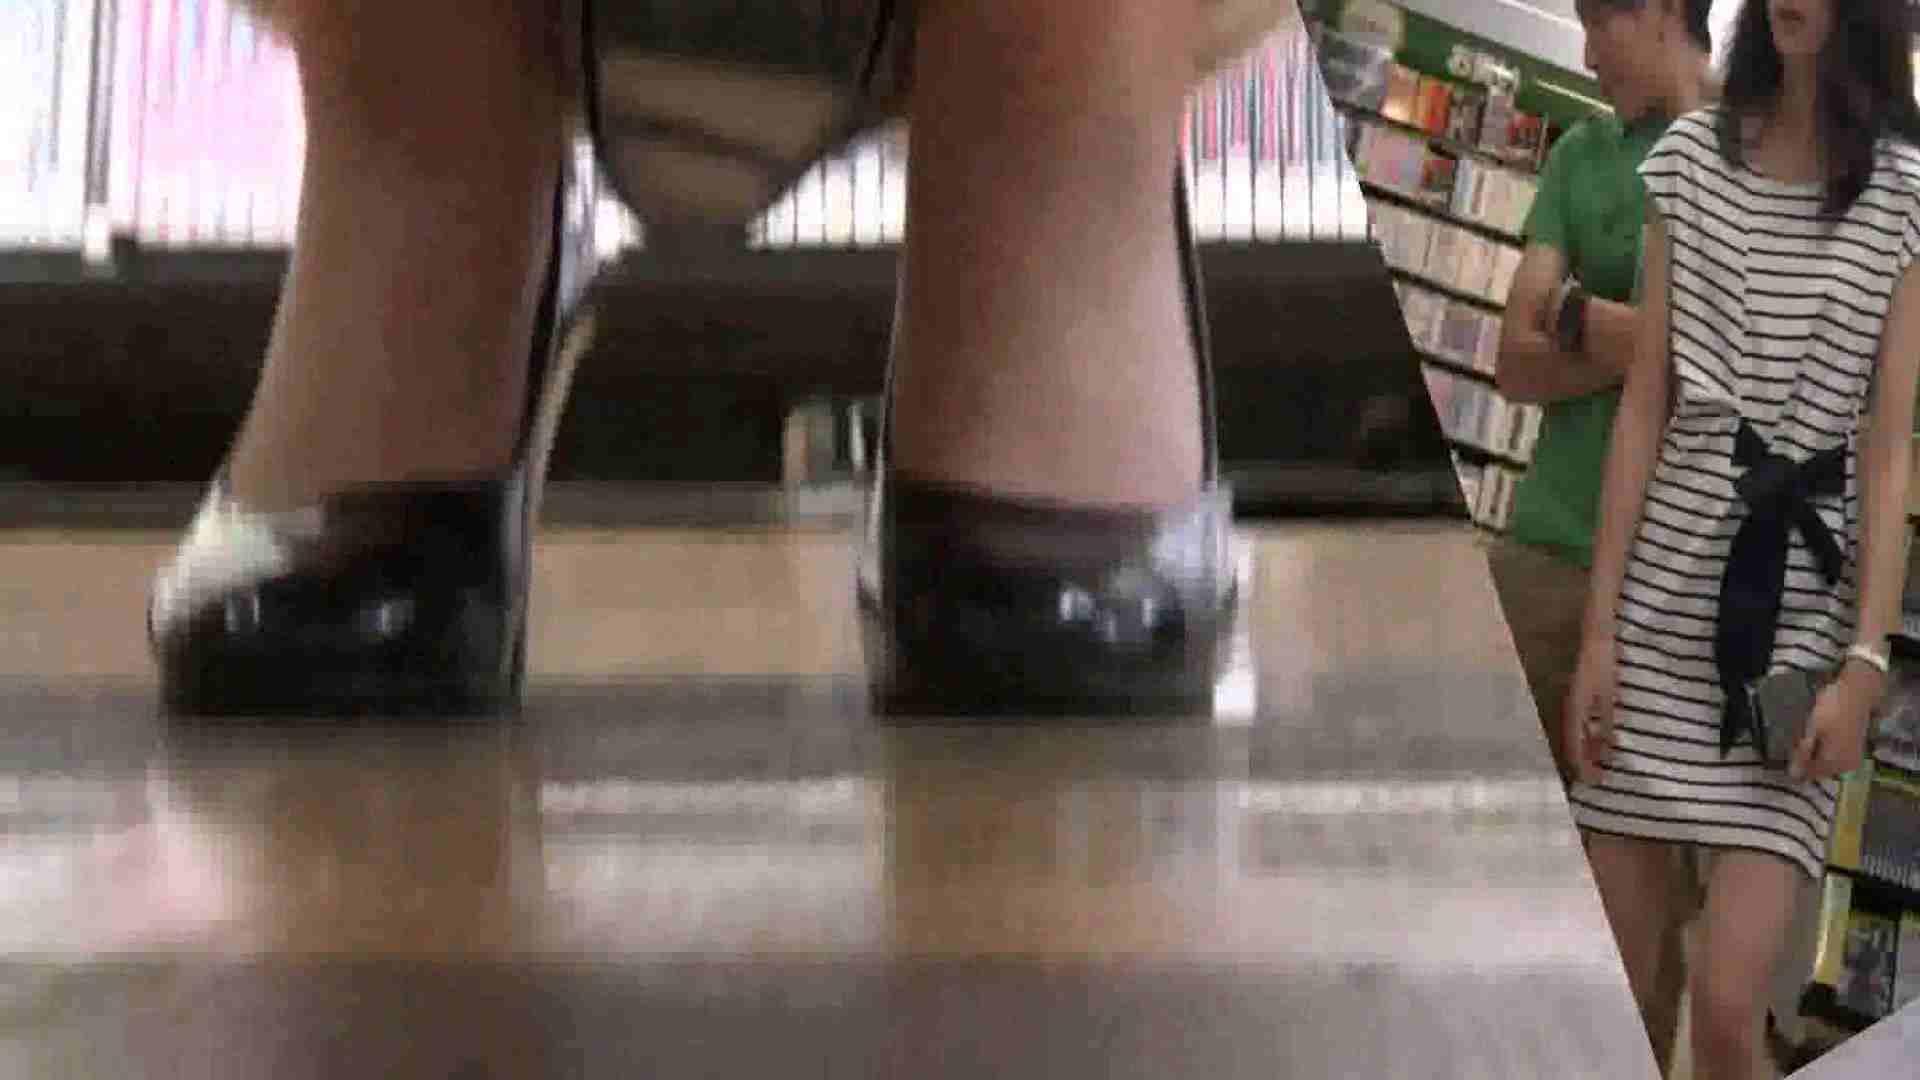 真剣に買い物中のgal達を上から下から狙います。vol.01 エッチなOL | エッチなJK  85pic 73